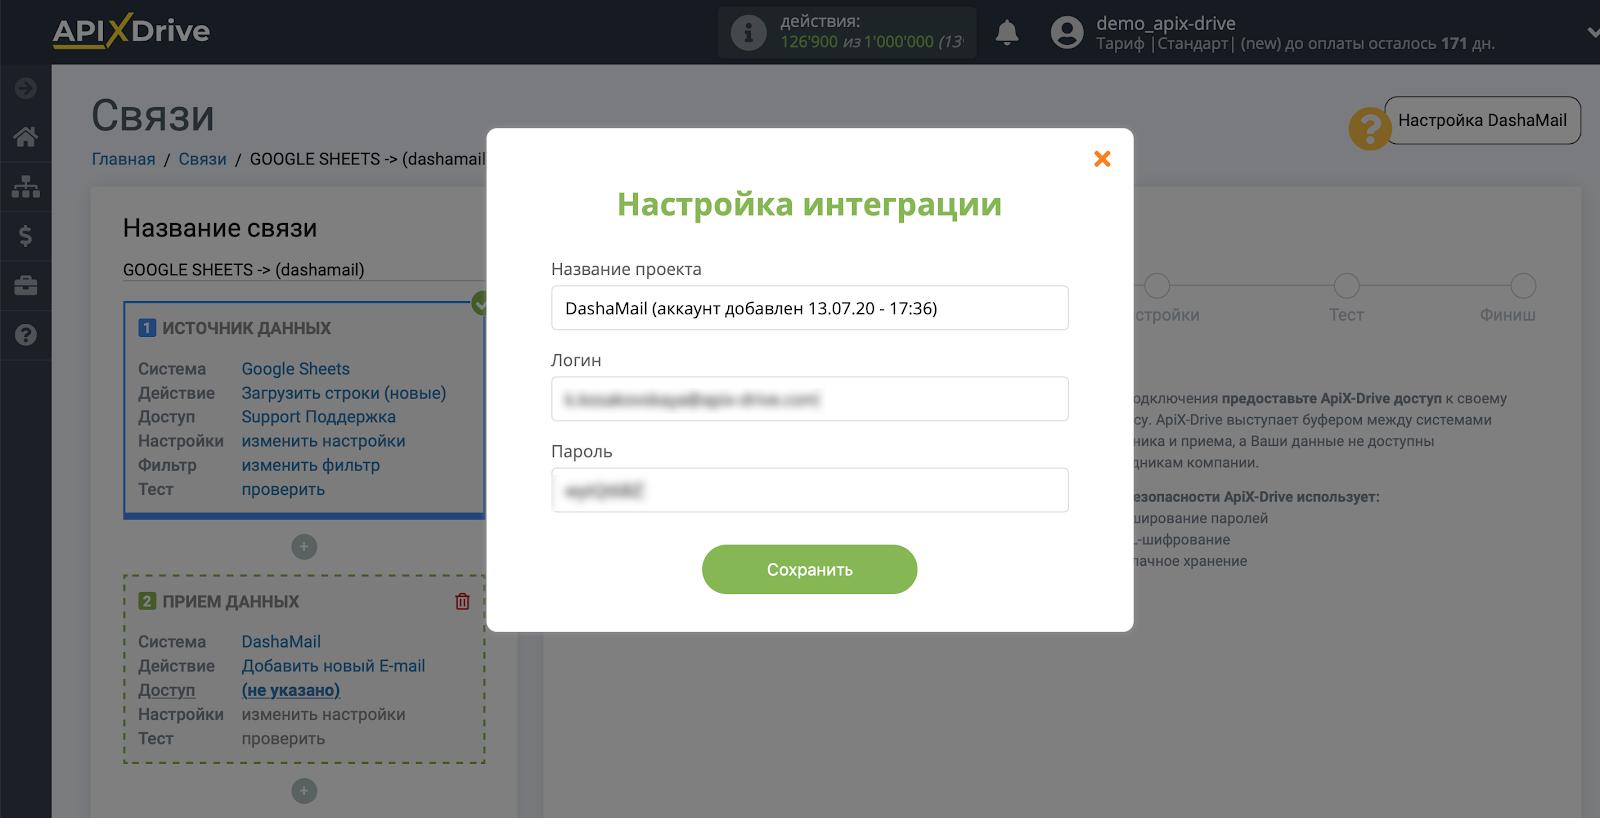 Настройка Приема данных в DashaMail | Внесение данных для входа